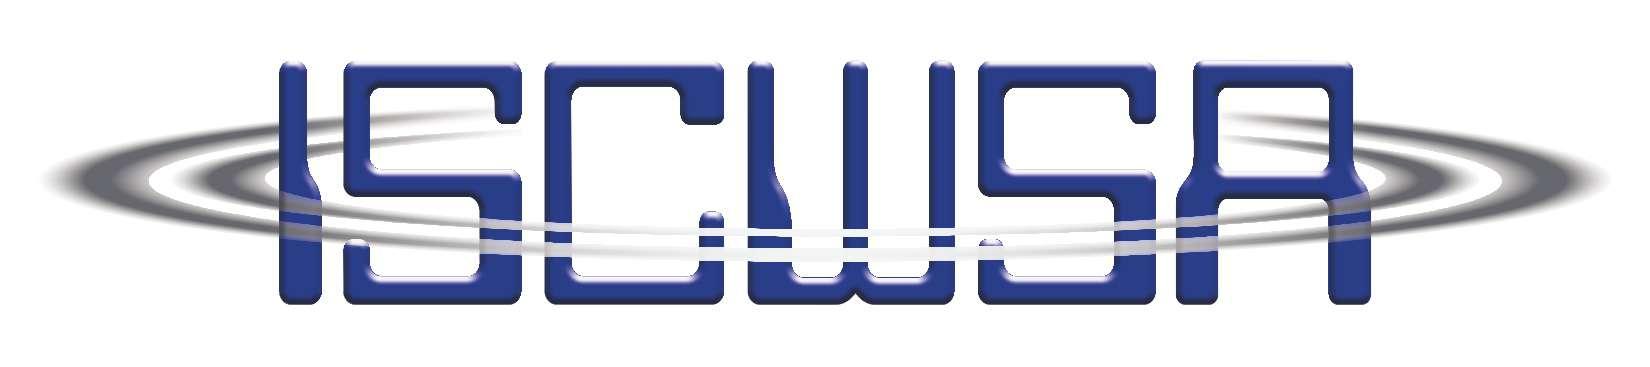 iscwsa